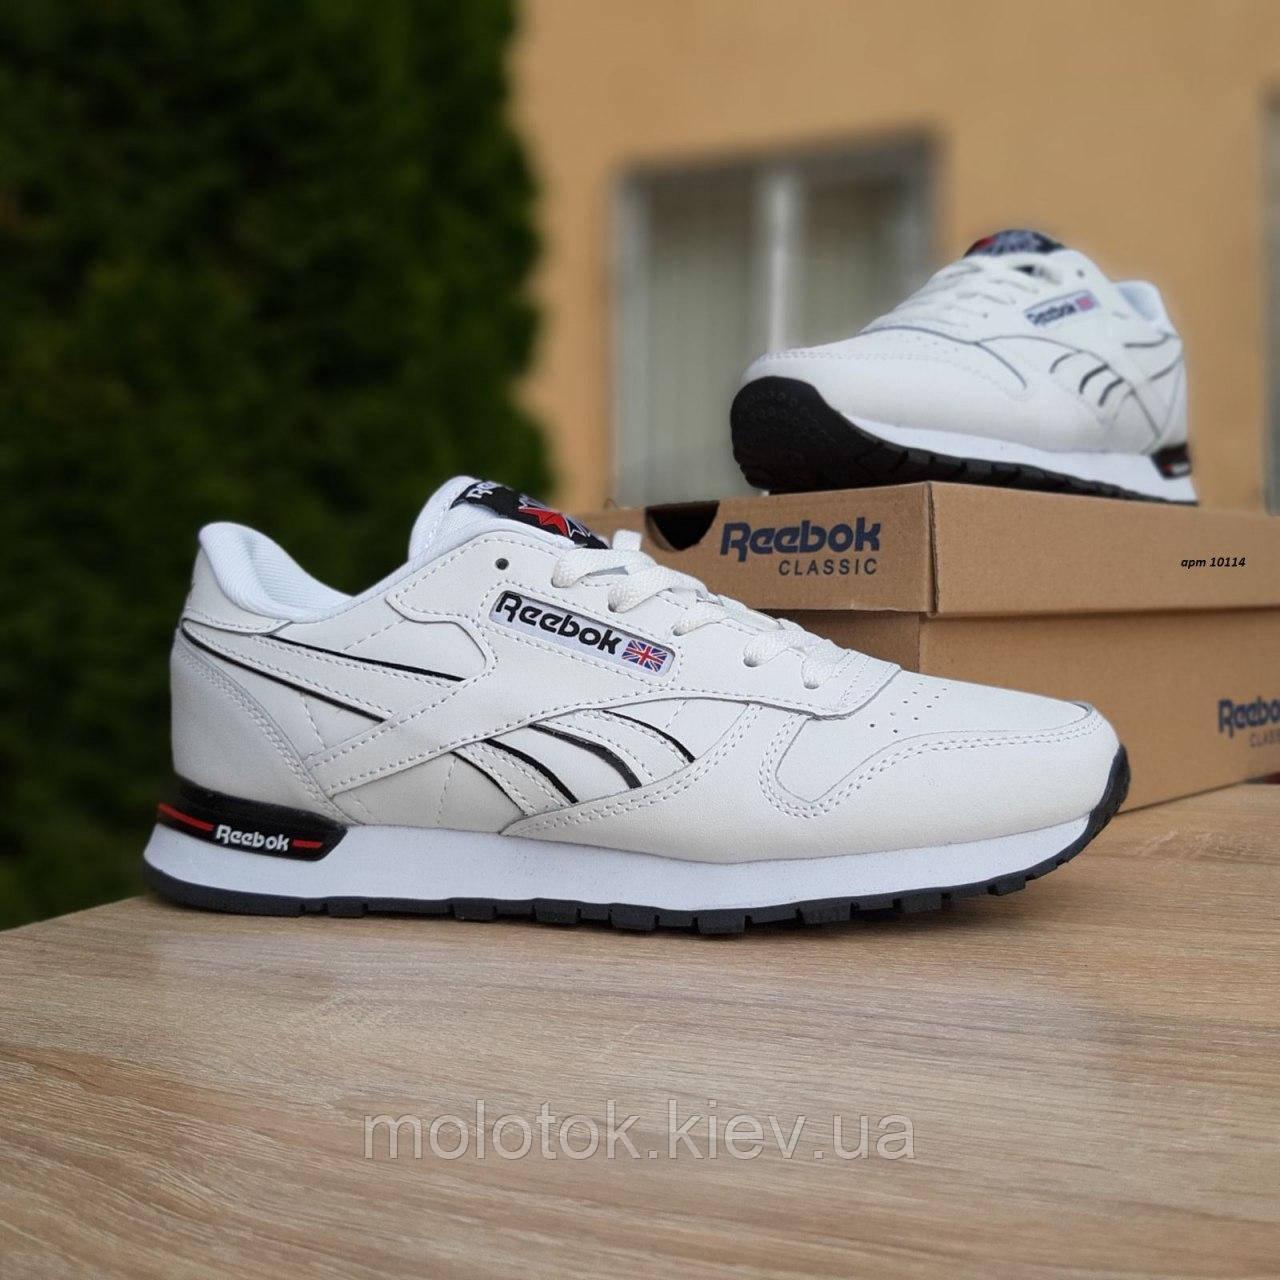 Чоловічі кросівки в стилі Reebok Classic білі з чорним